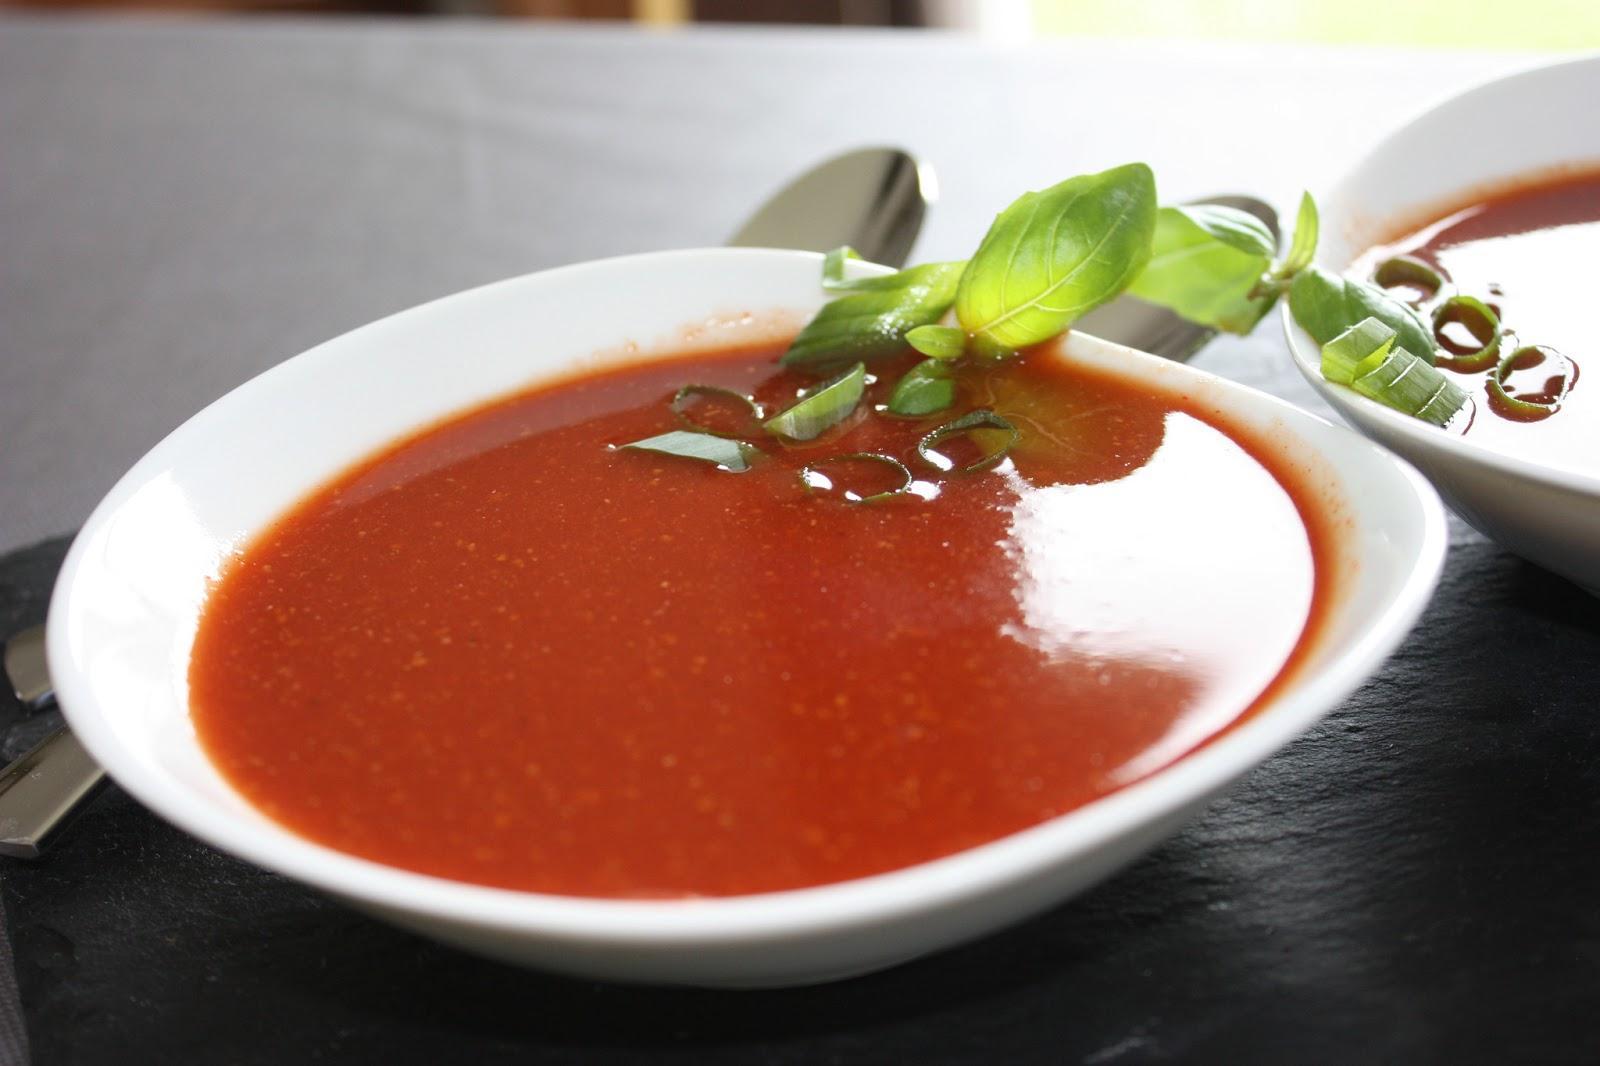 cocotte chlorophylle soupe express et simplissime la tomate. Black Bedroom Furniture Sets. Home Design Ideas